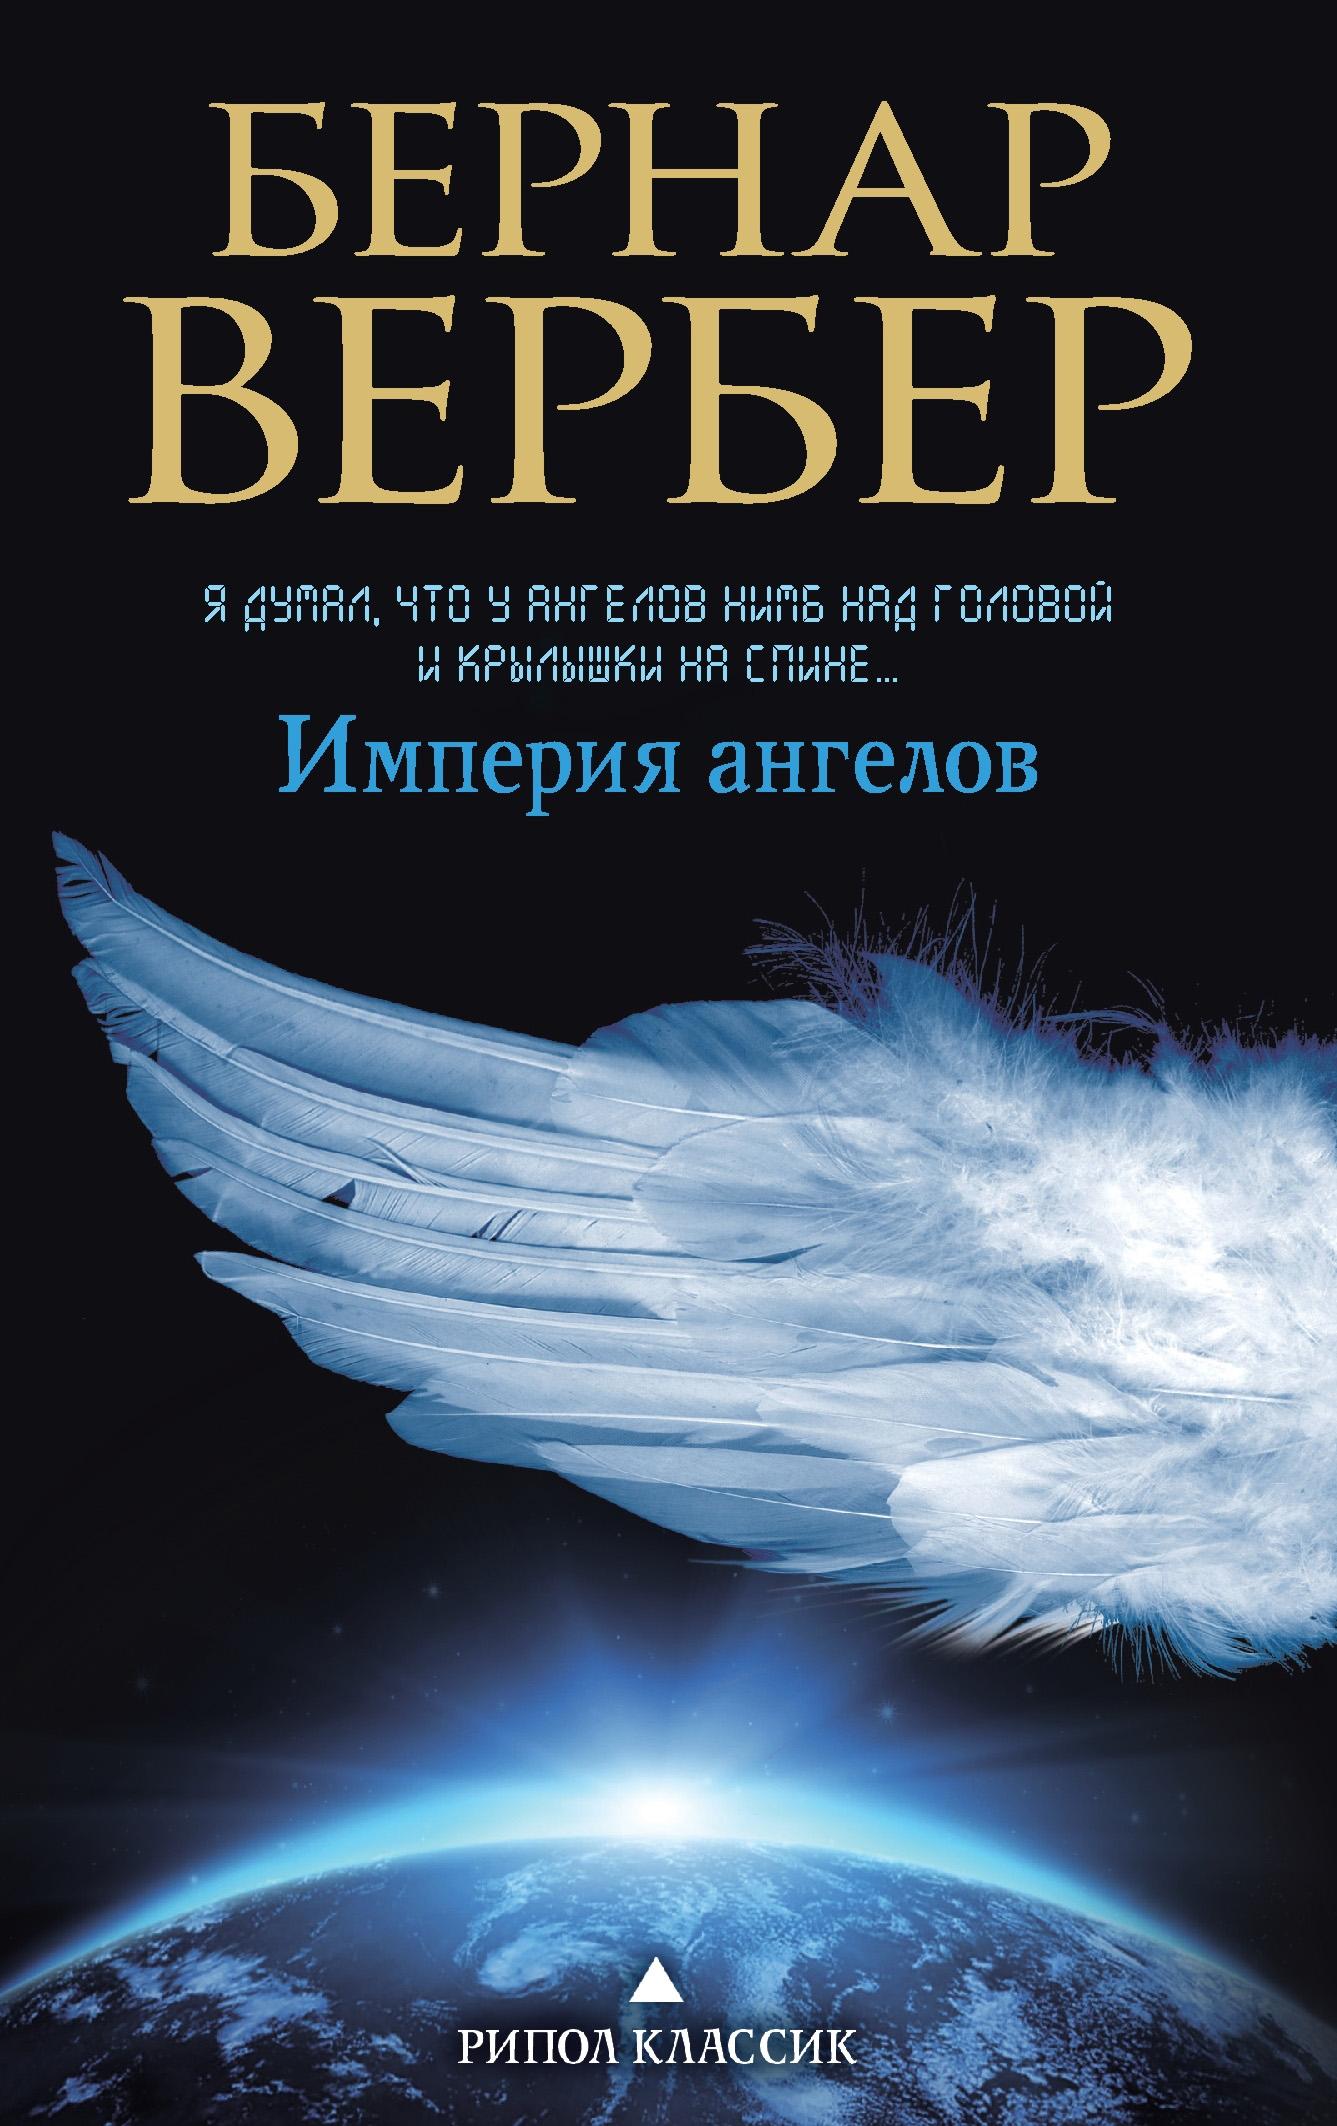 Вербер империя ангелов рецензия 9281